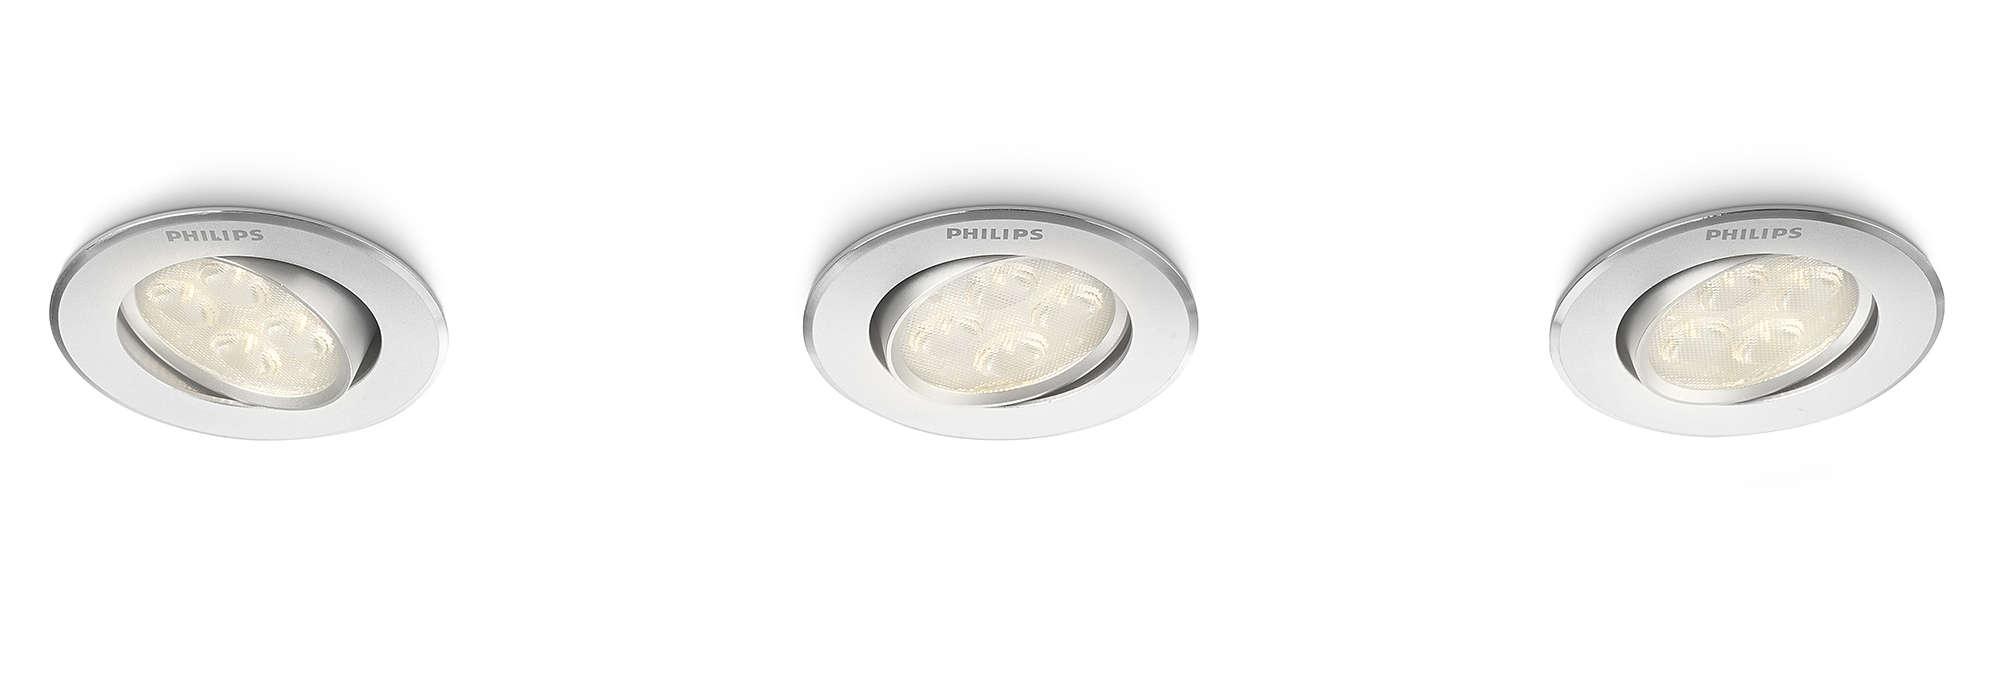 Evidenţiaţi-vă locuinţa prin lumină